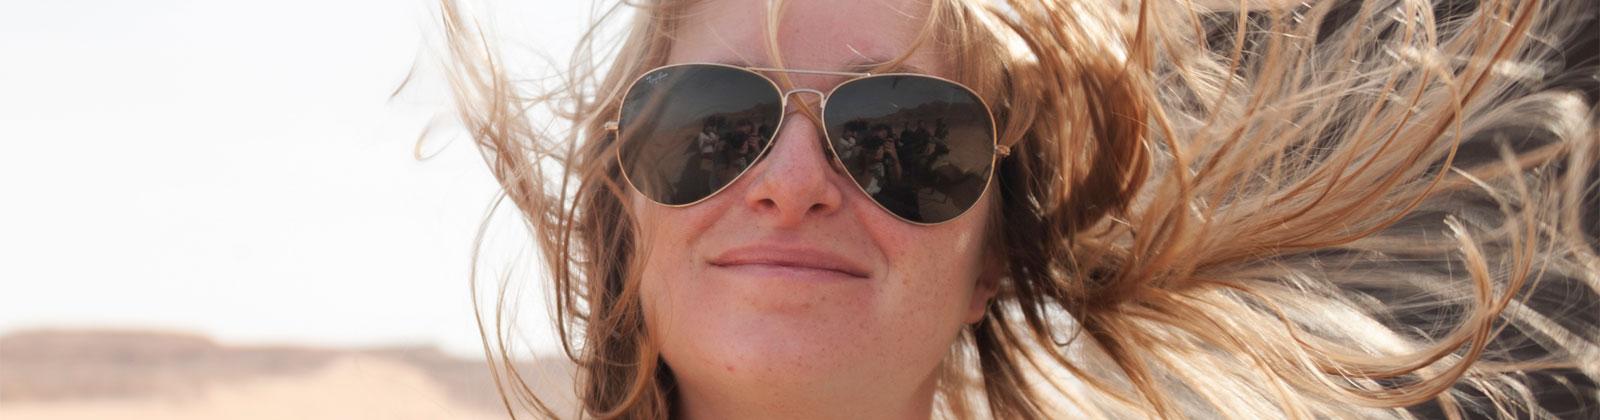 margherita ragg scrittrice traduttrice freelance